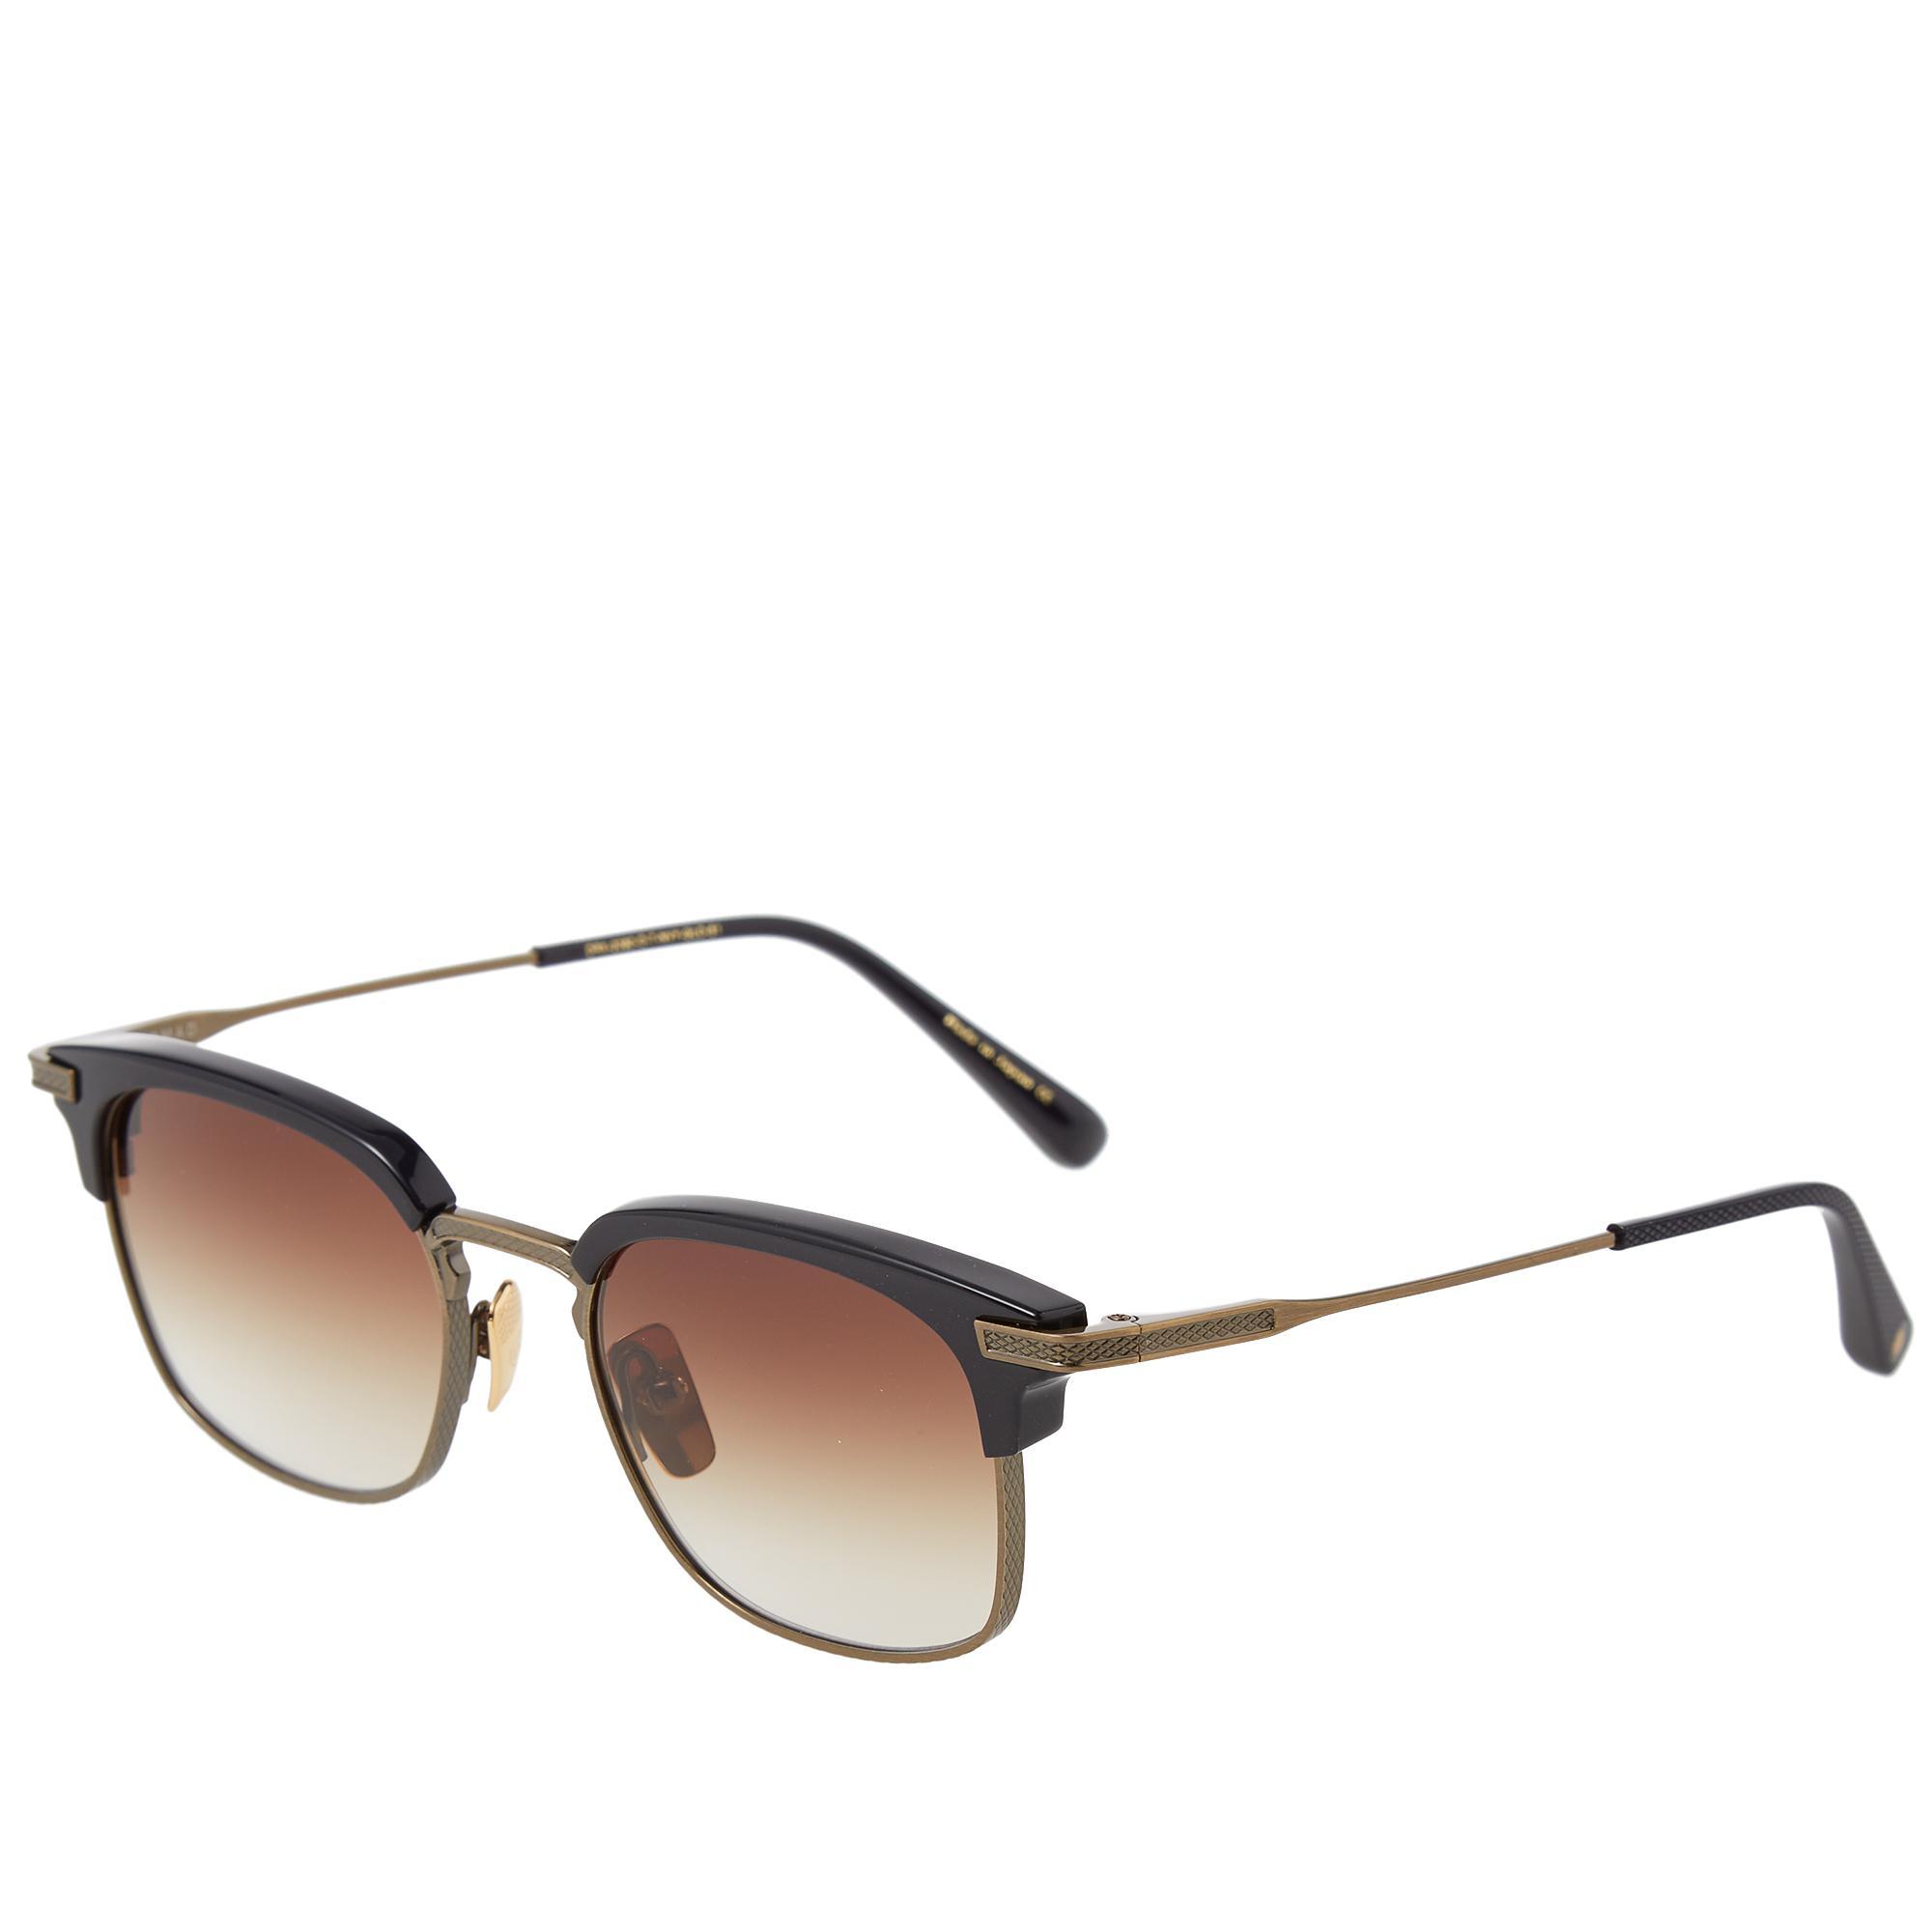 ad3f39c9df80 Lyst - DITA Nomad Sunglasses in Blue for Men